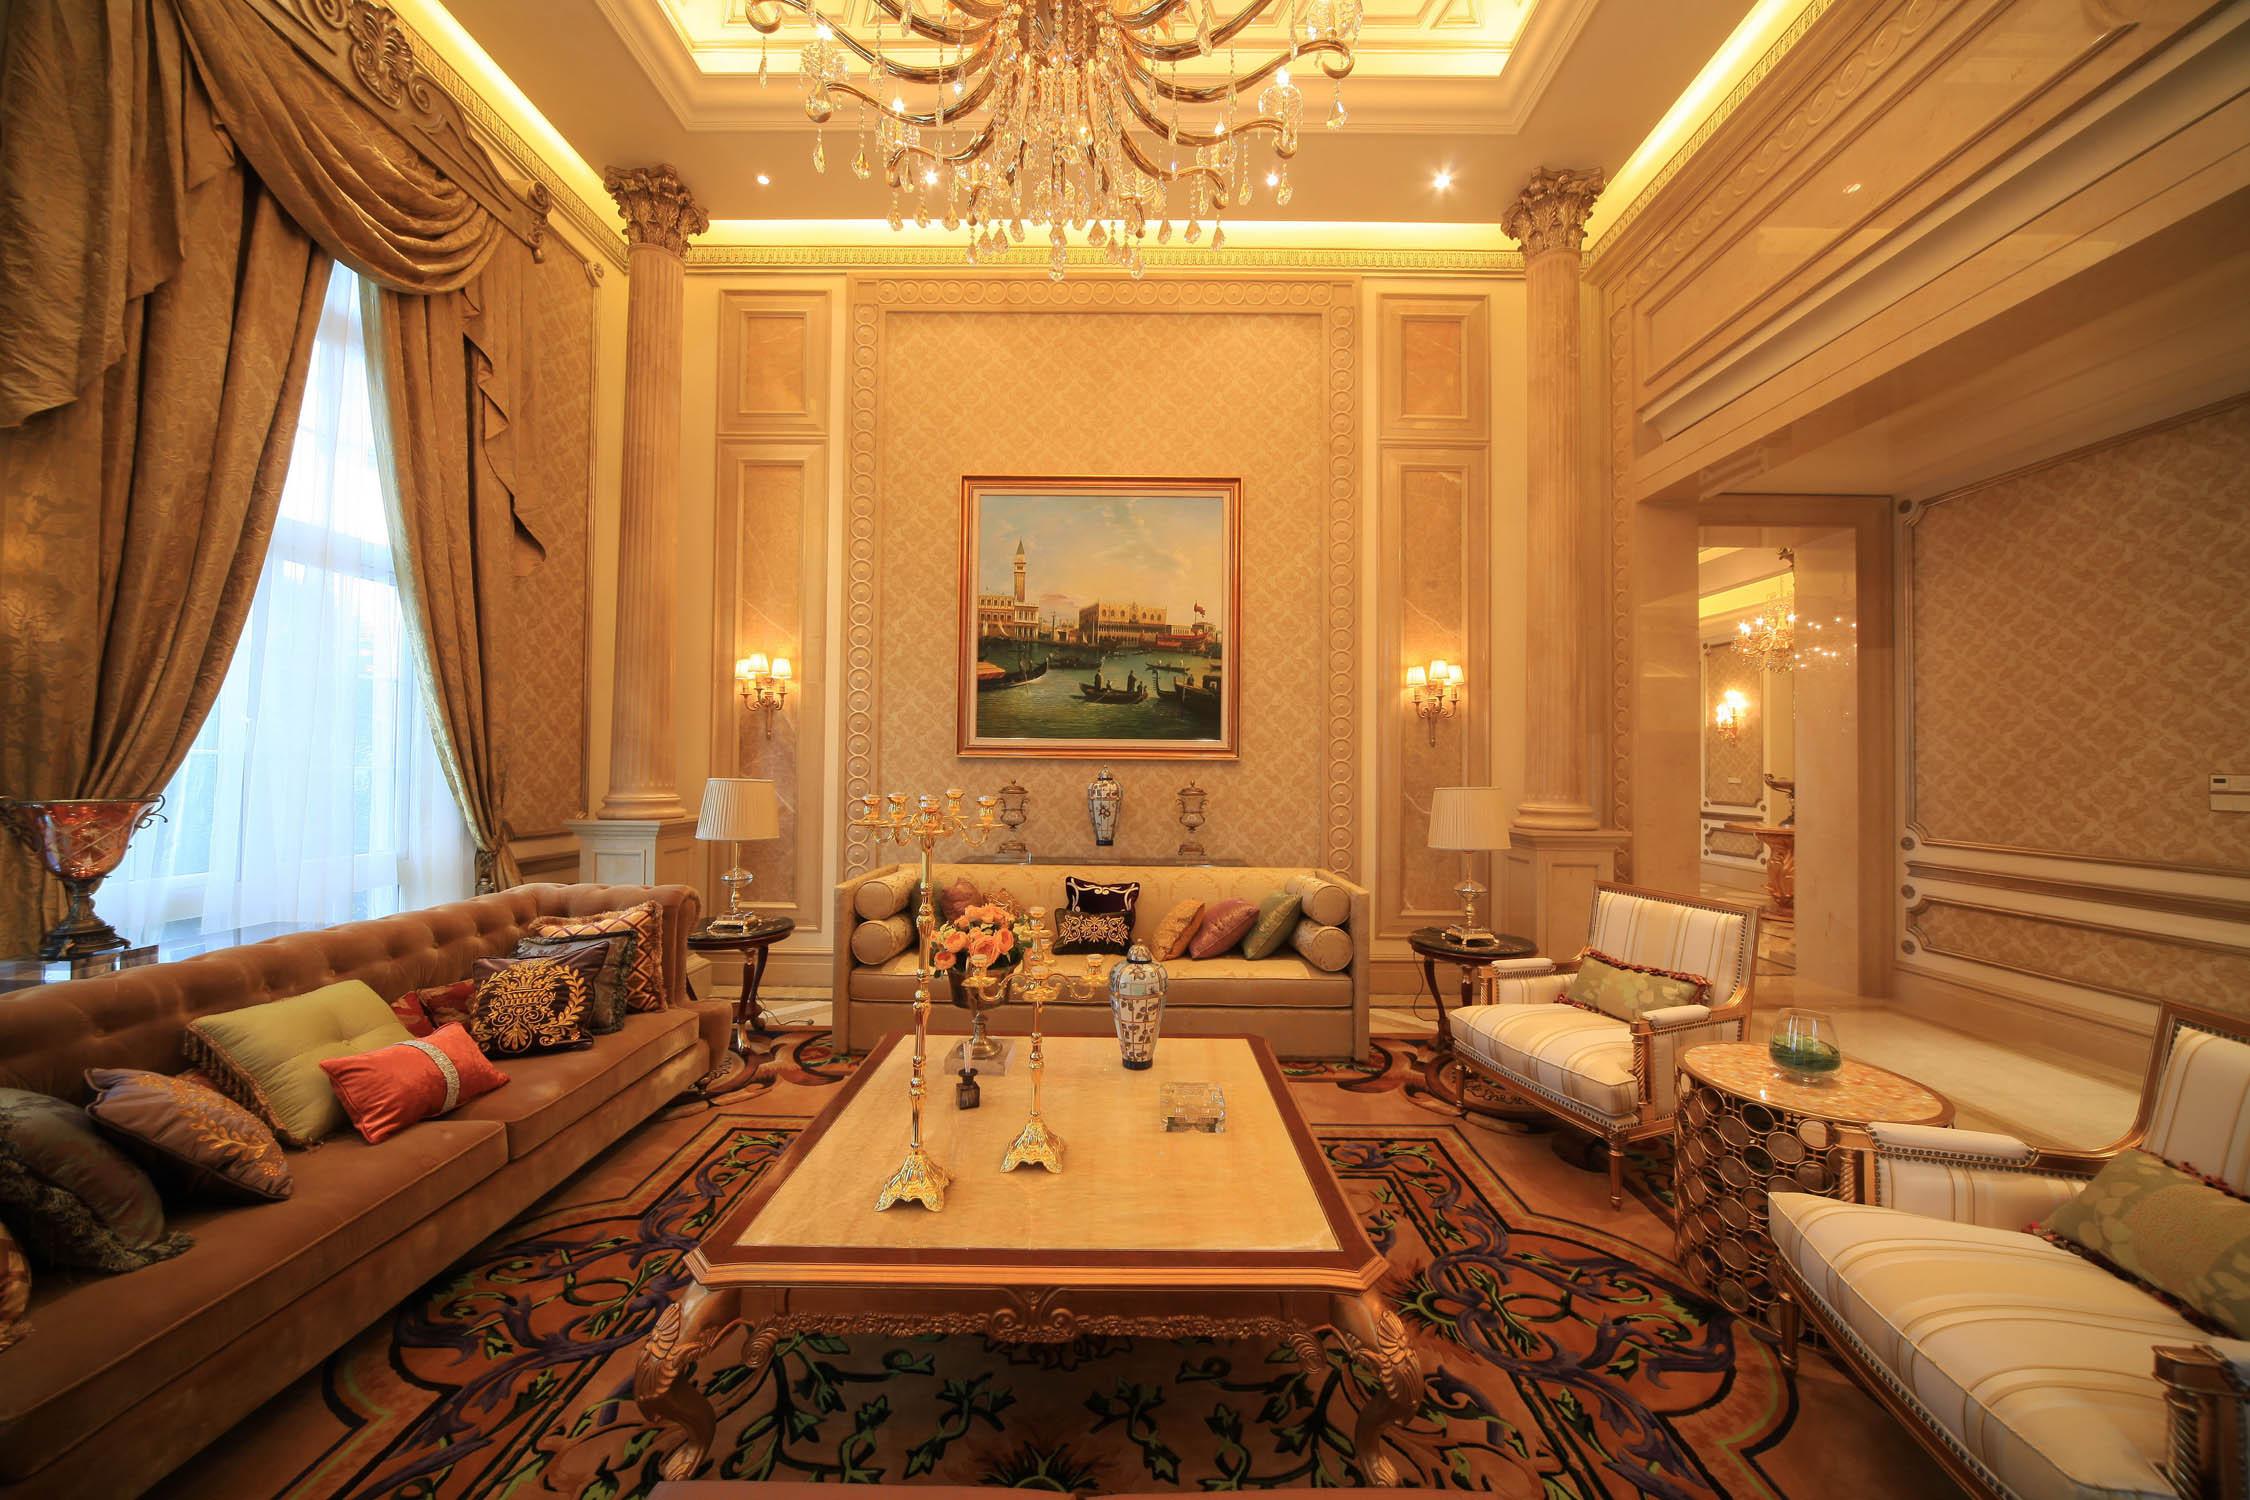 现代欧式风格一层别墅唯美餐桌桌布效果图